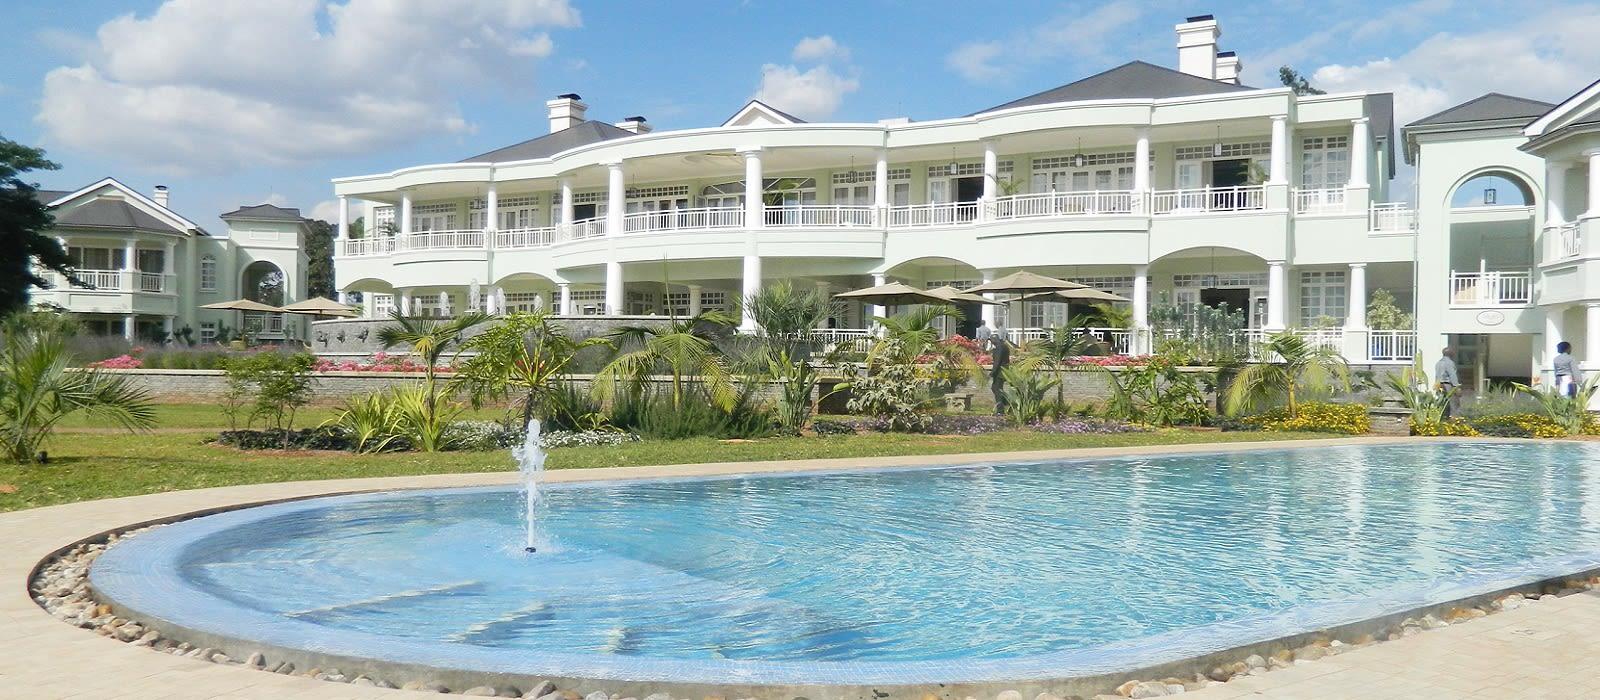 Hotel Hemingways Nairobi Kenya